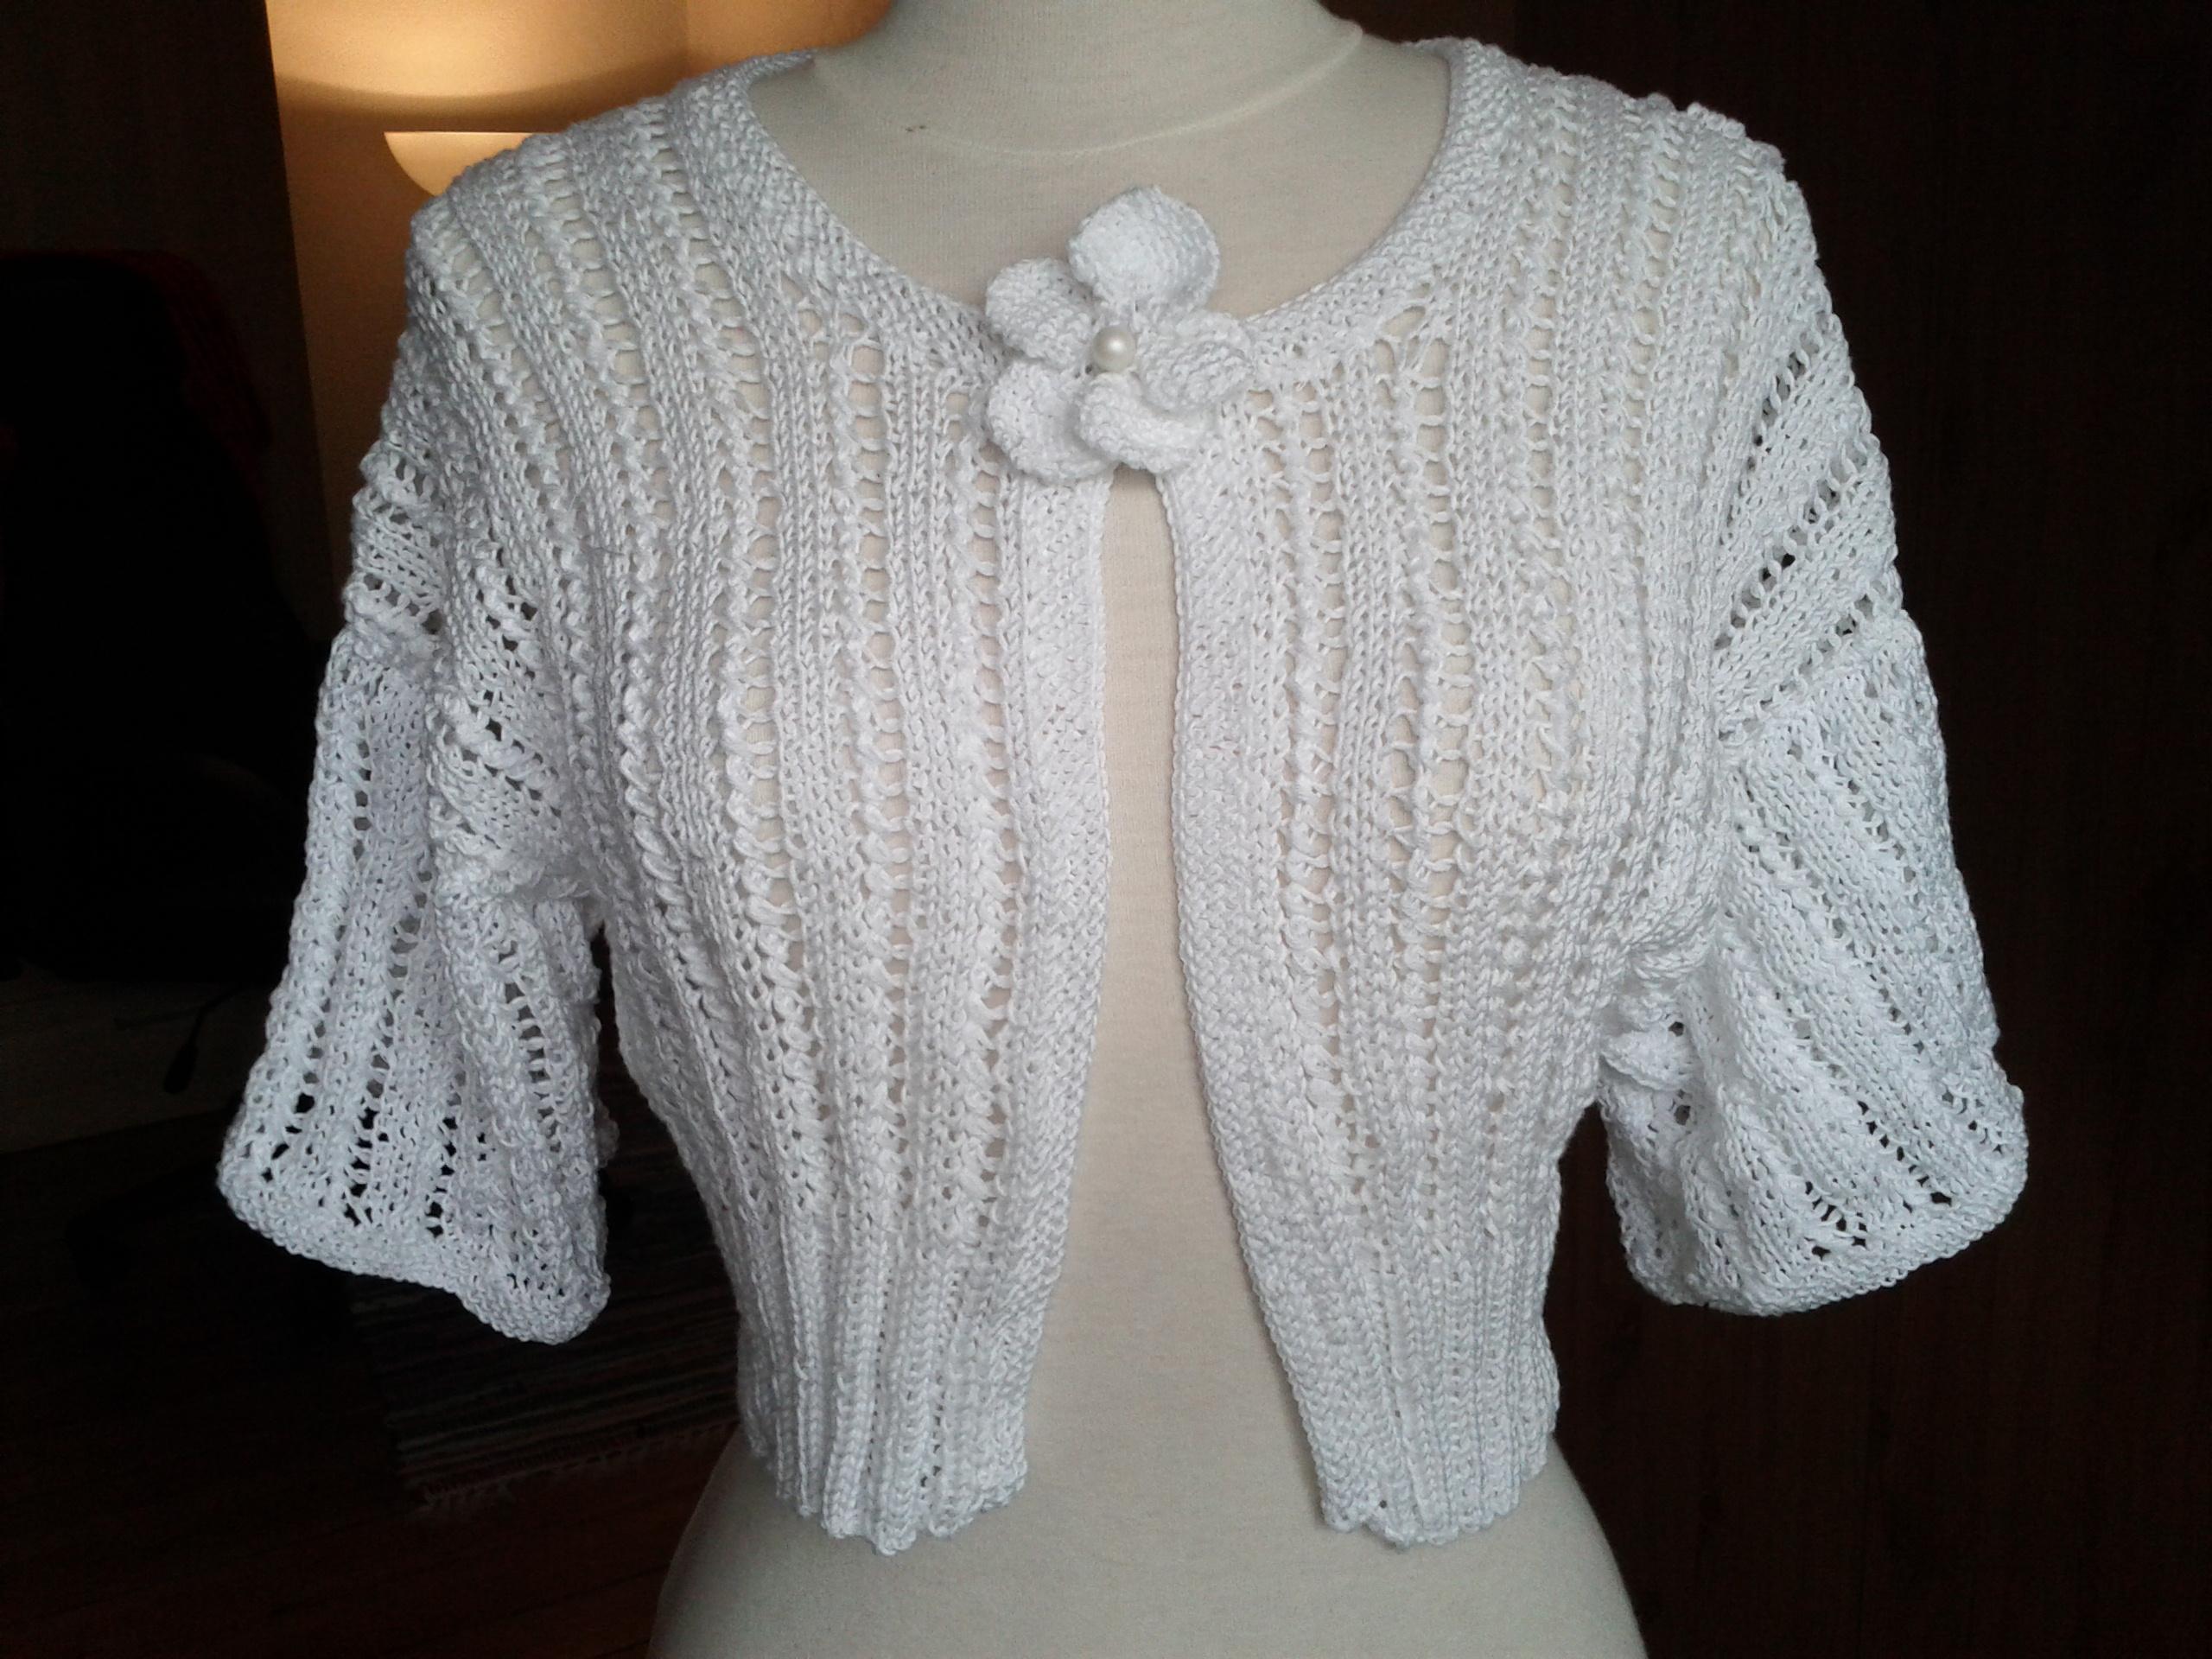 Tuto tricot liseuse - Tuto facile france ...